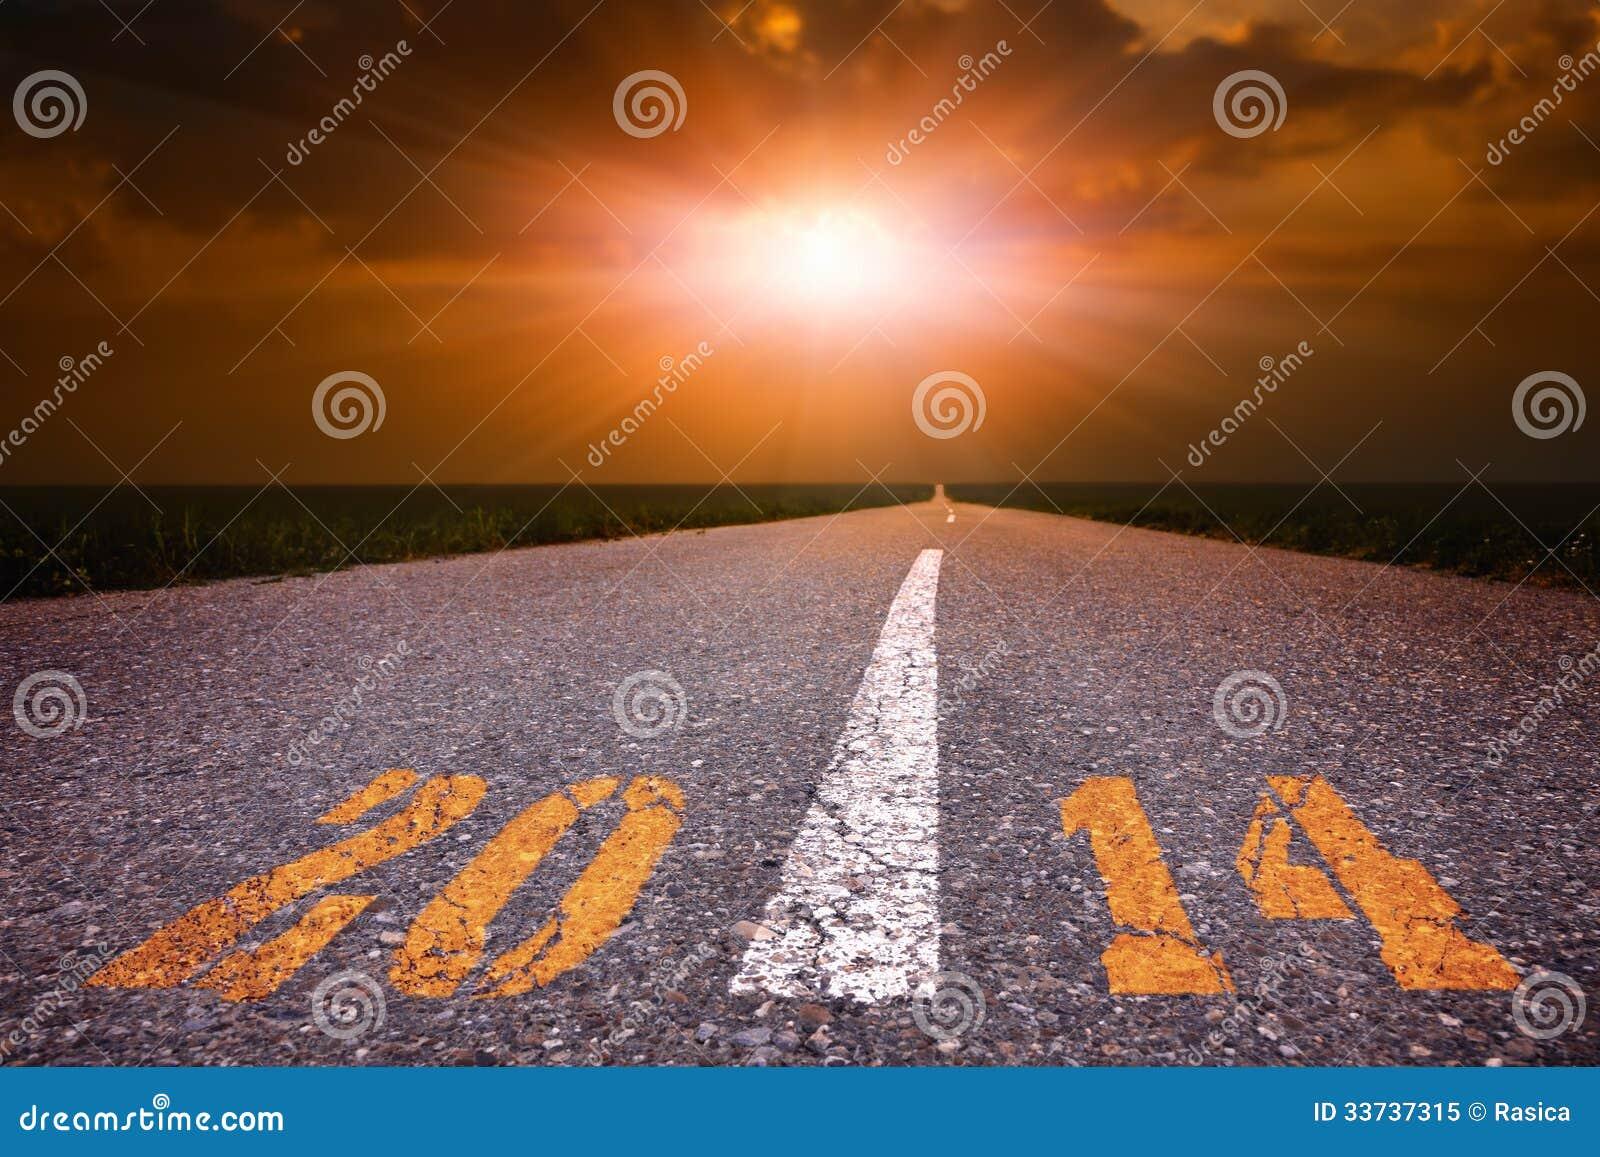 Fahren auf eine leere Straße in Richtung zur untergehenden Sonne 2014